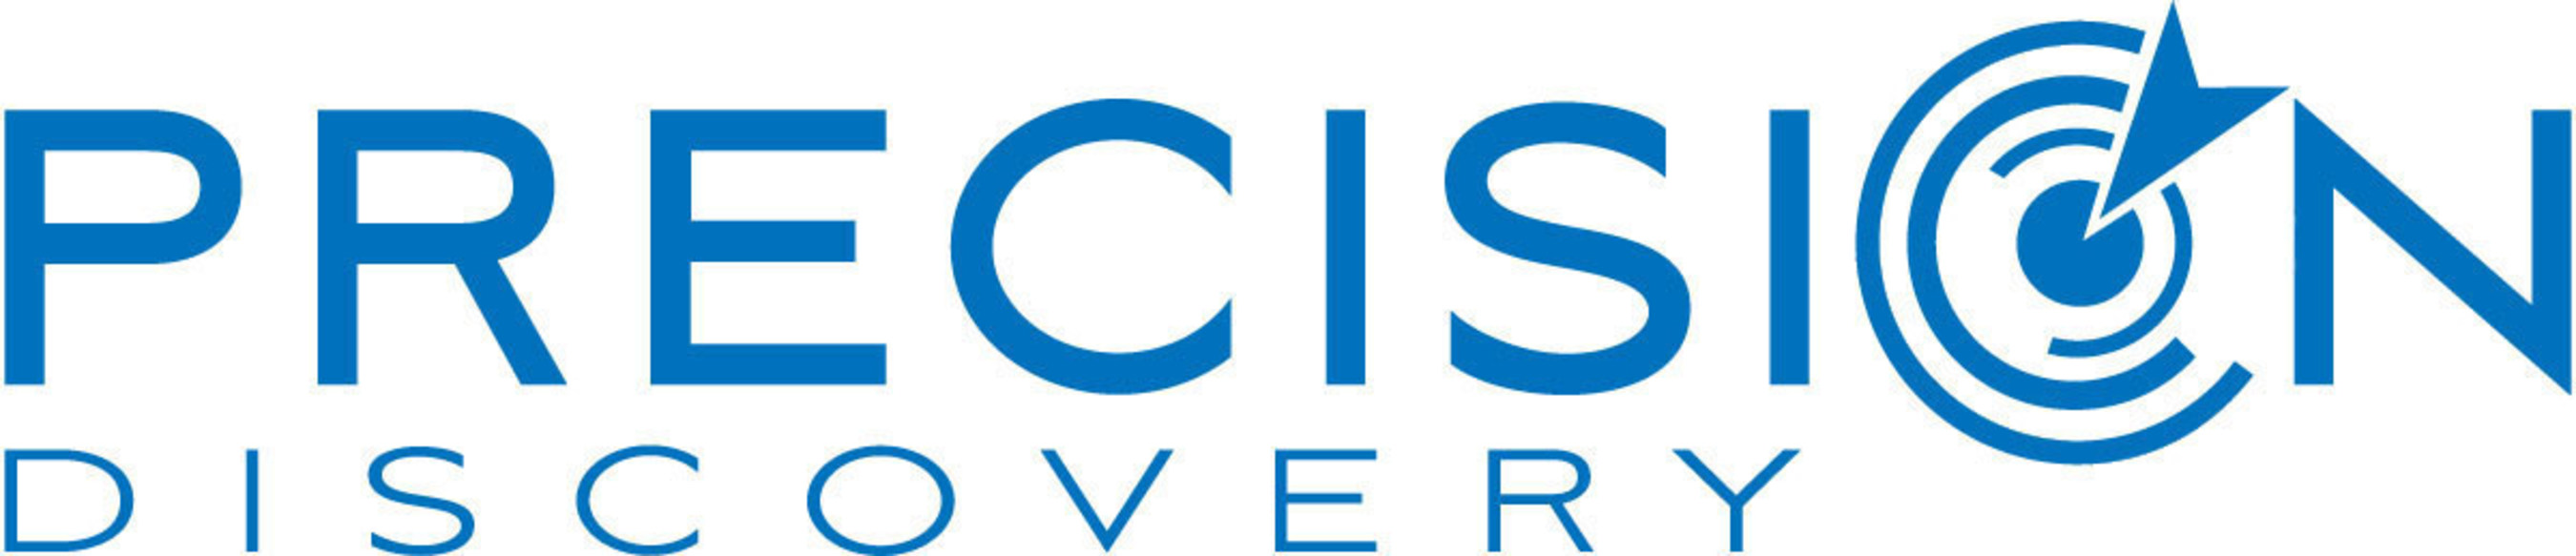 Precision Discovery, Inc. Logo